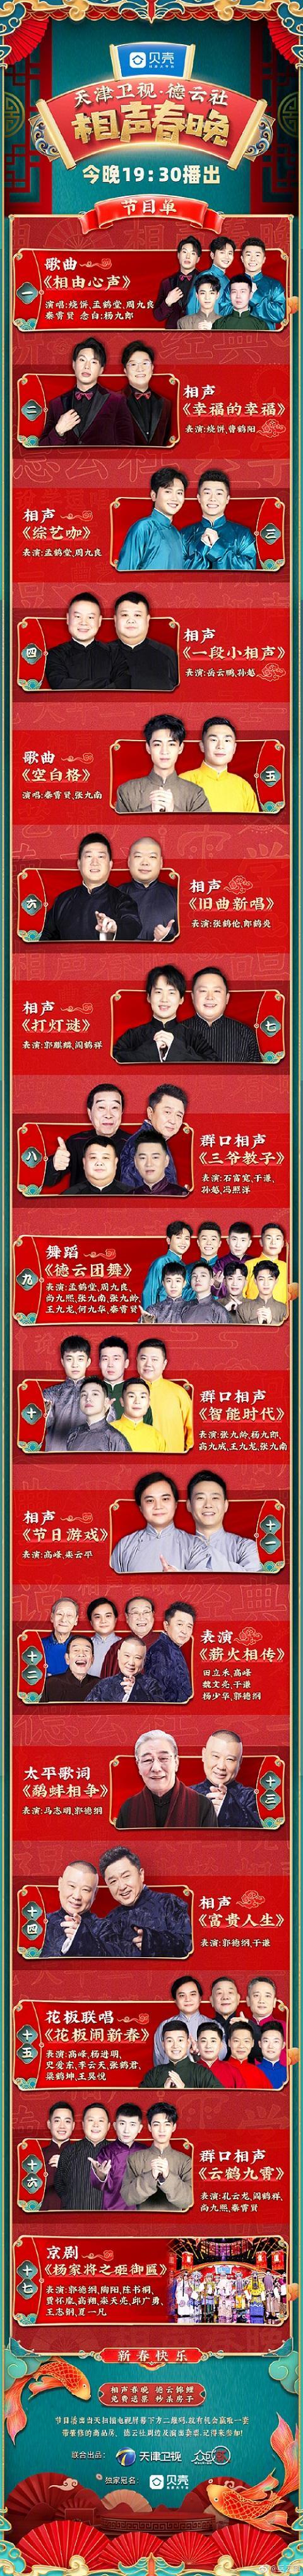 2021天津卫视德云社相声春晚节目单完整版+播出时间几点